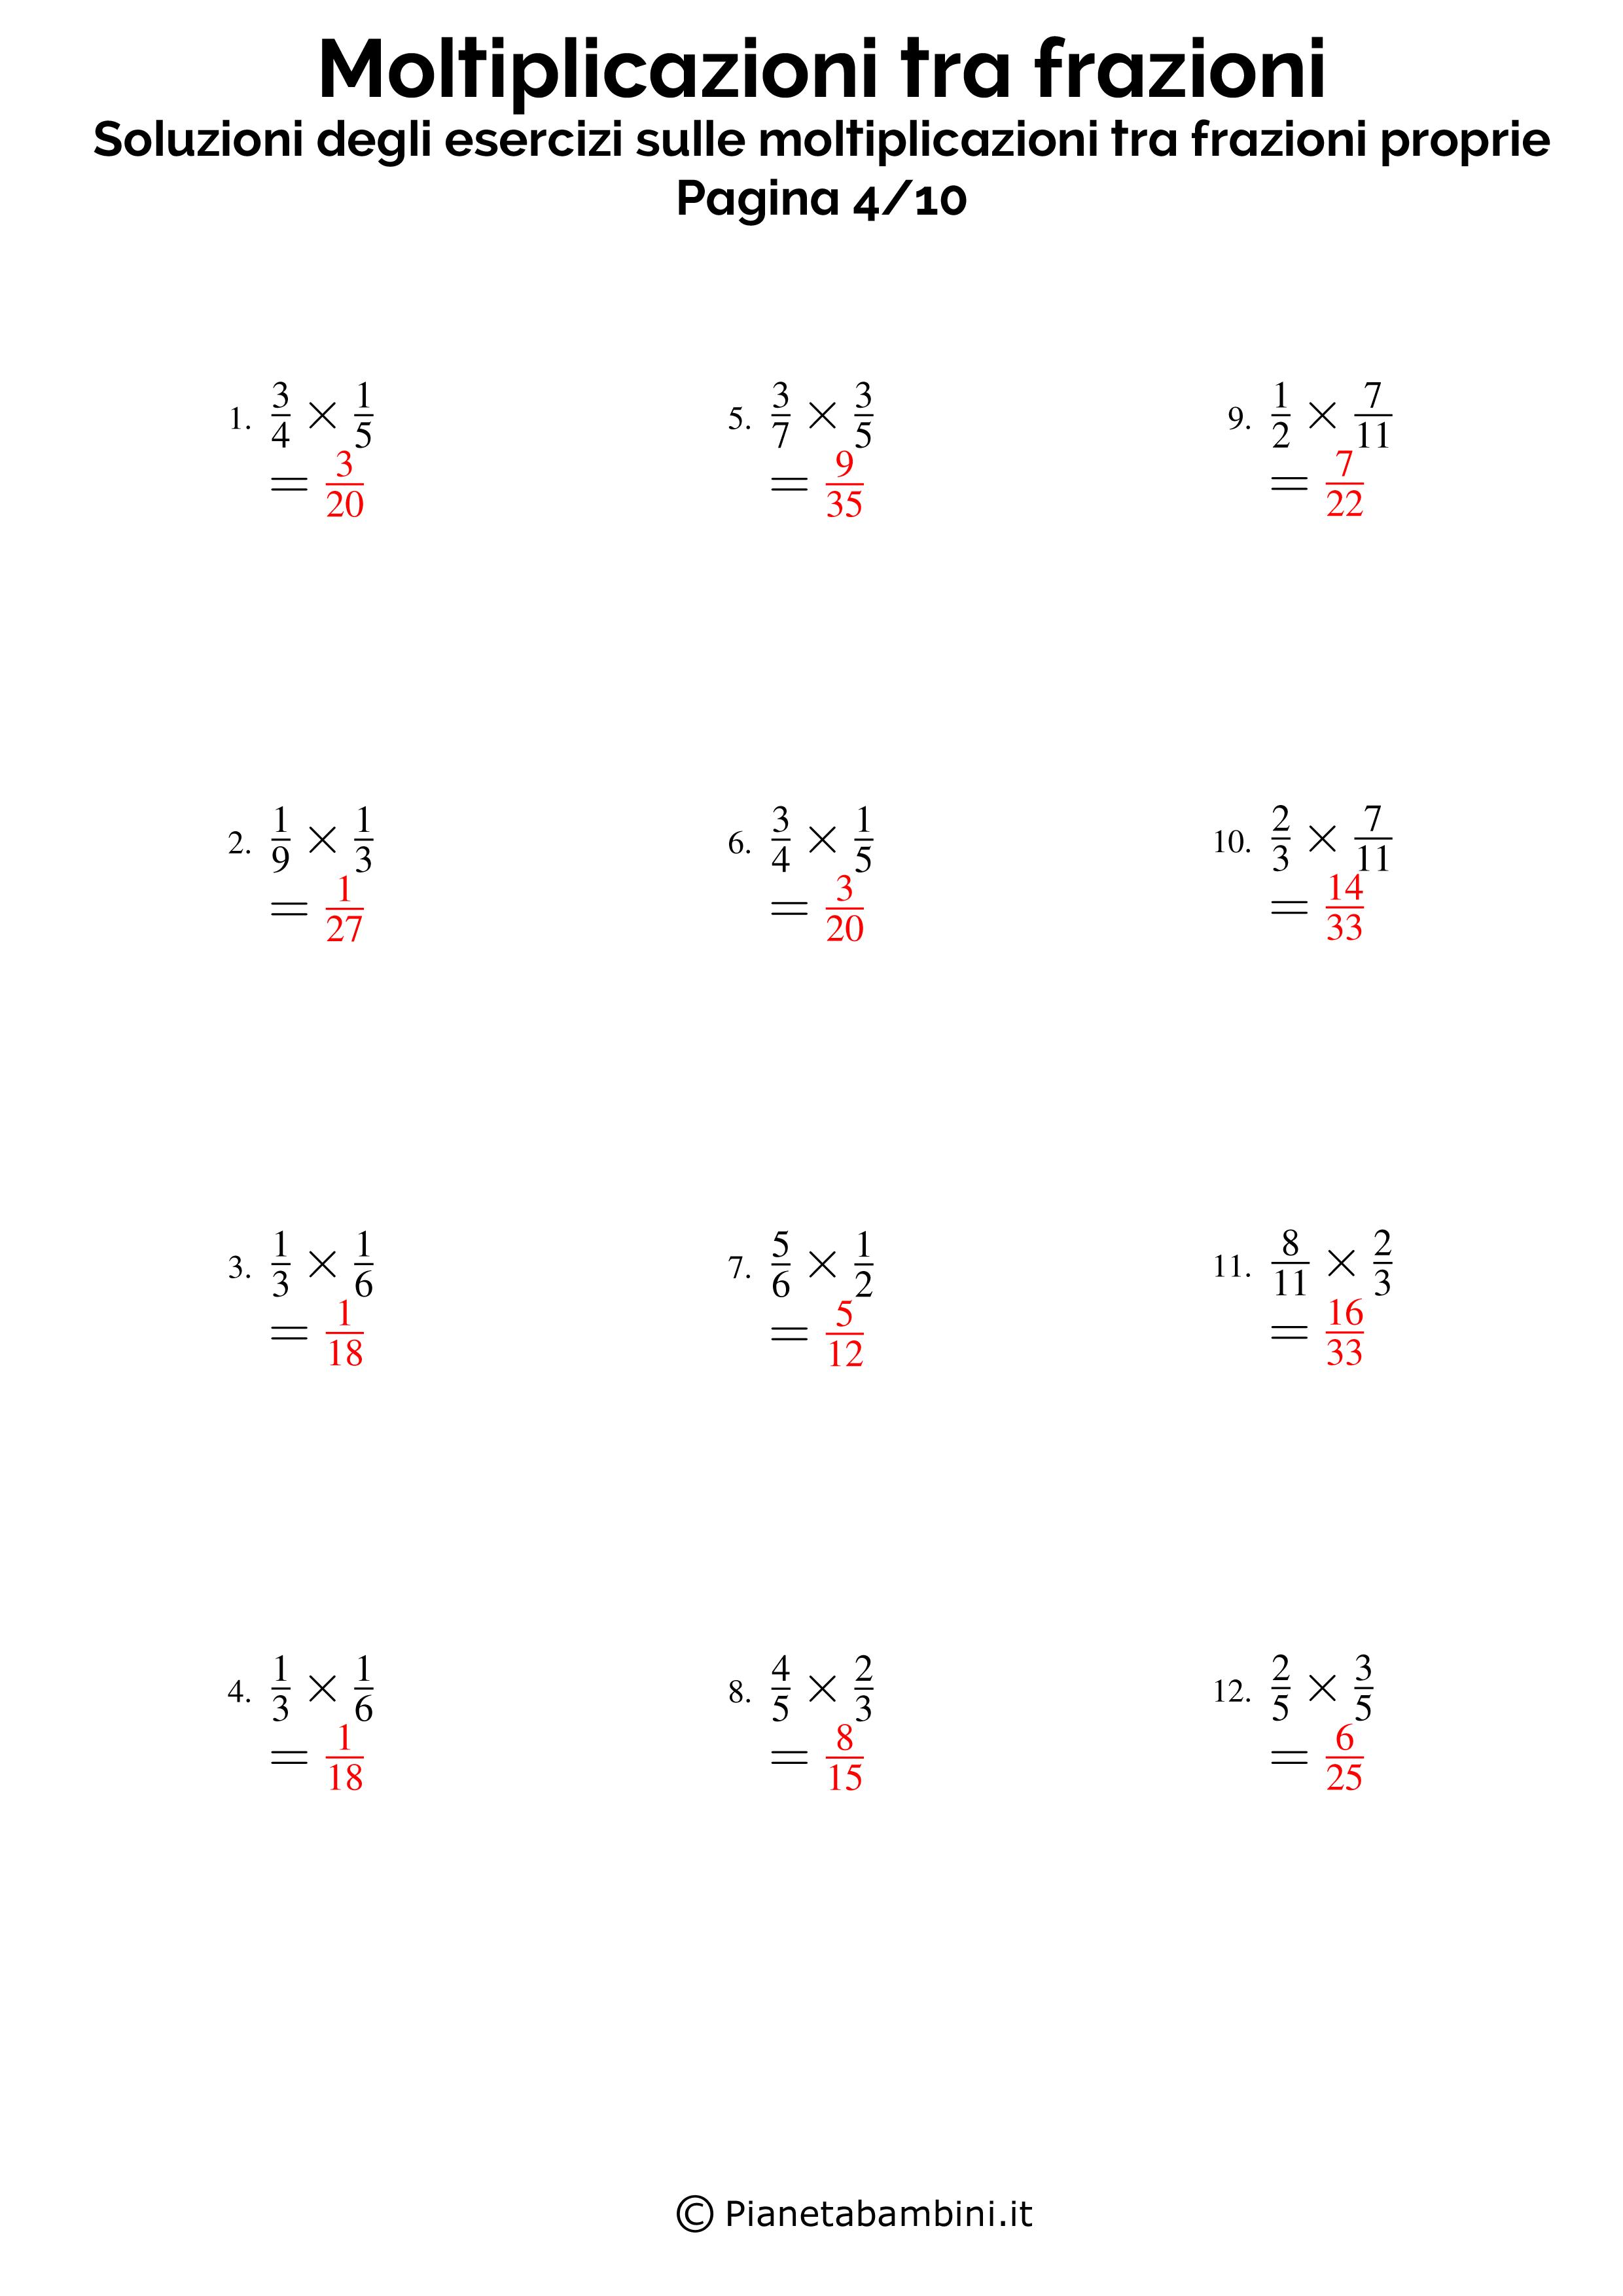 Soluzioni-Moltiplicazioni-Frazioni-Proprie_04